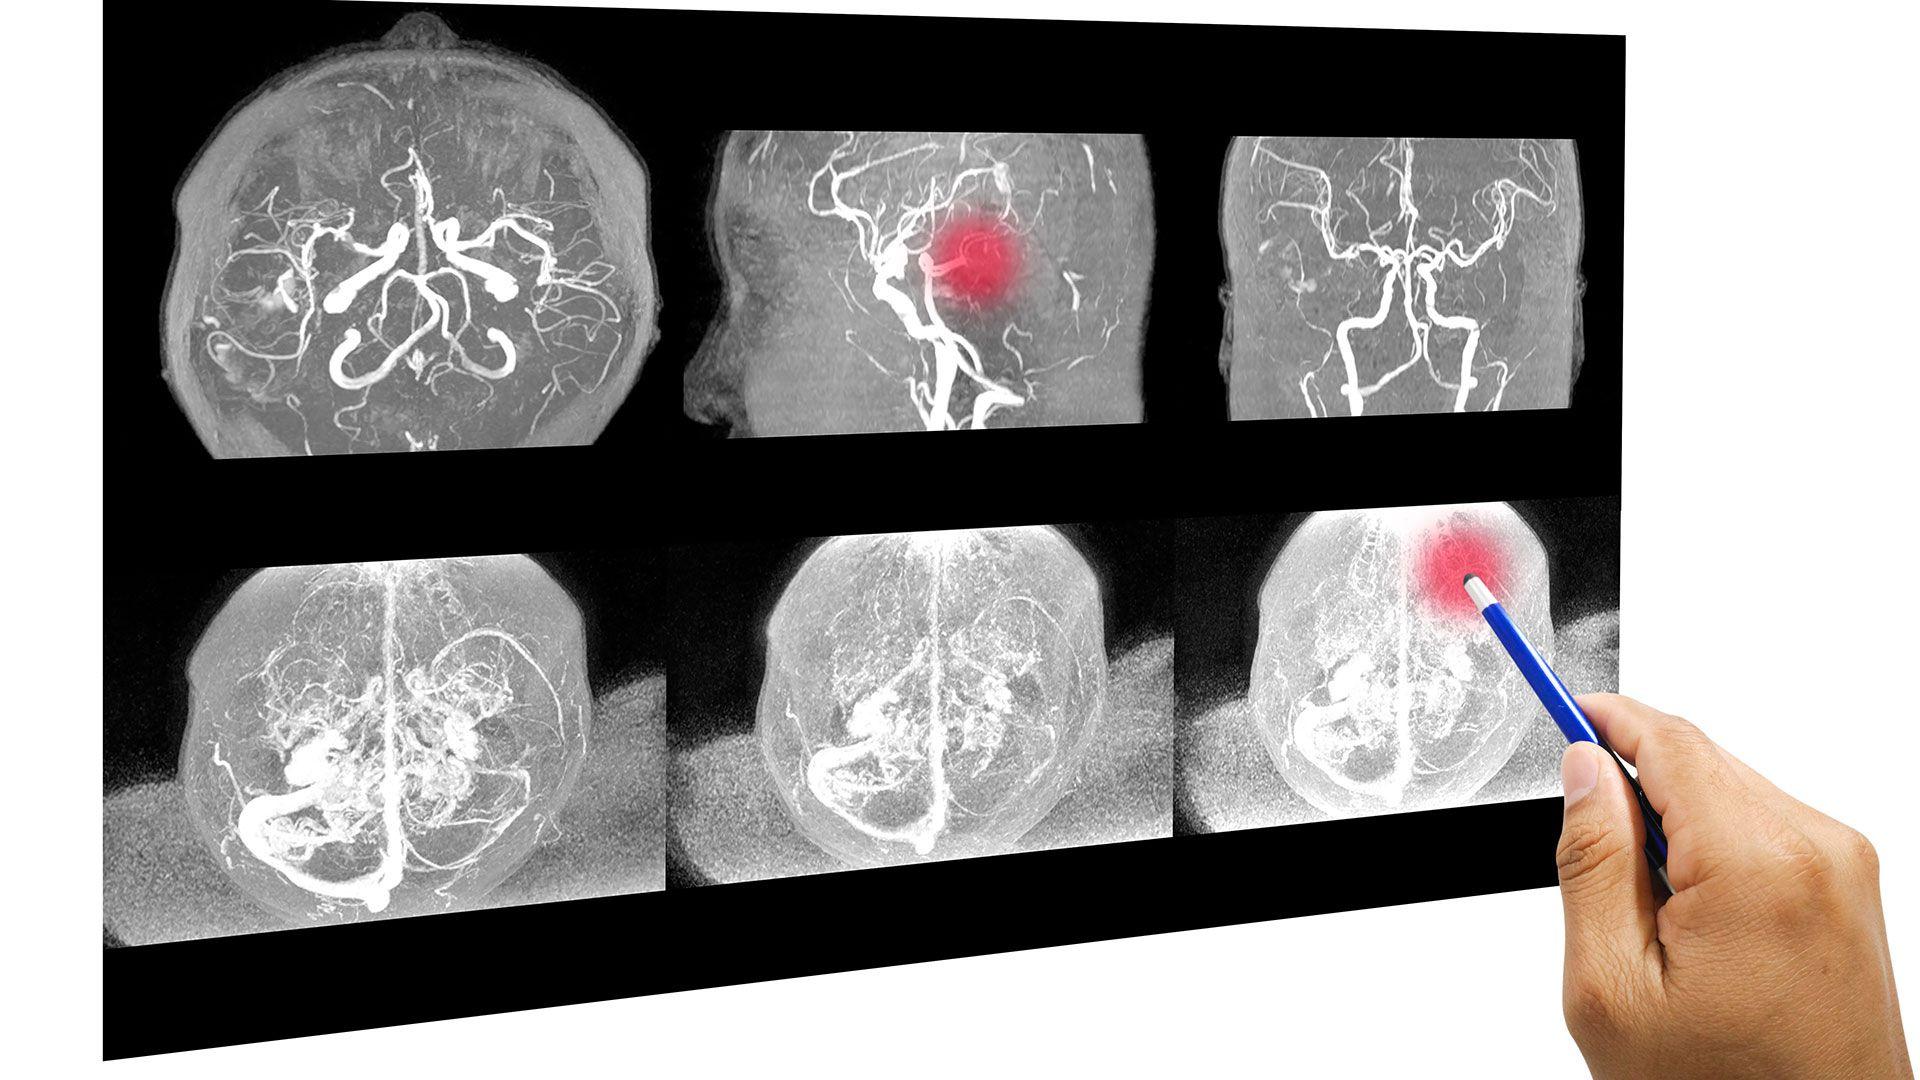 El hematoma intracraneal requiere de una operación de urgencia para evitar que la sangre presione al cerebro (Shutterstock)